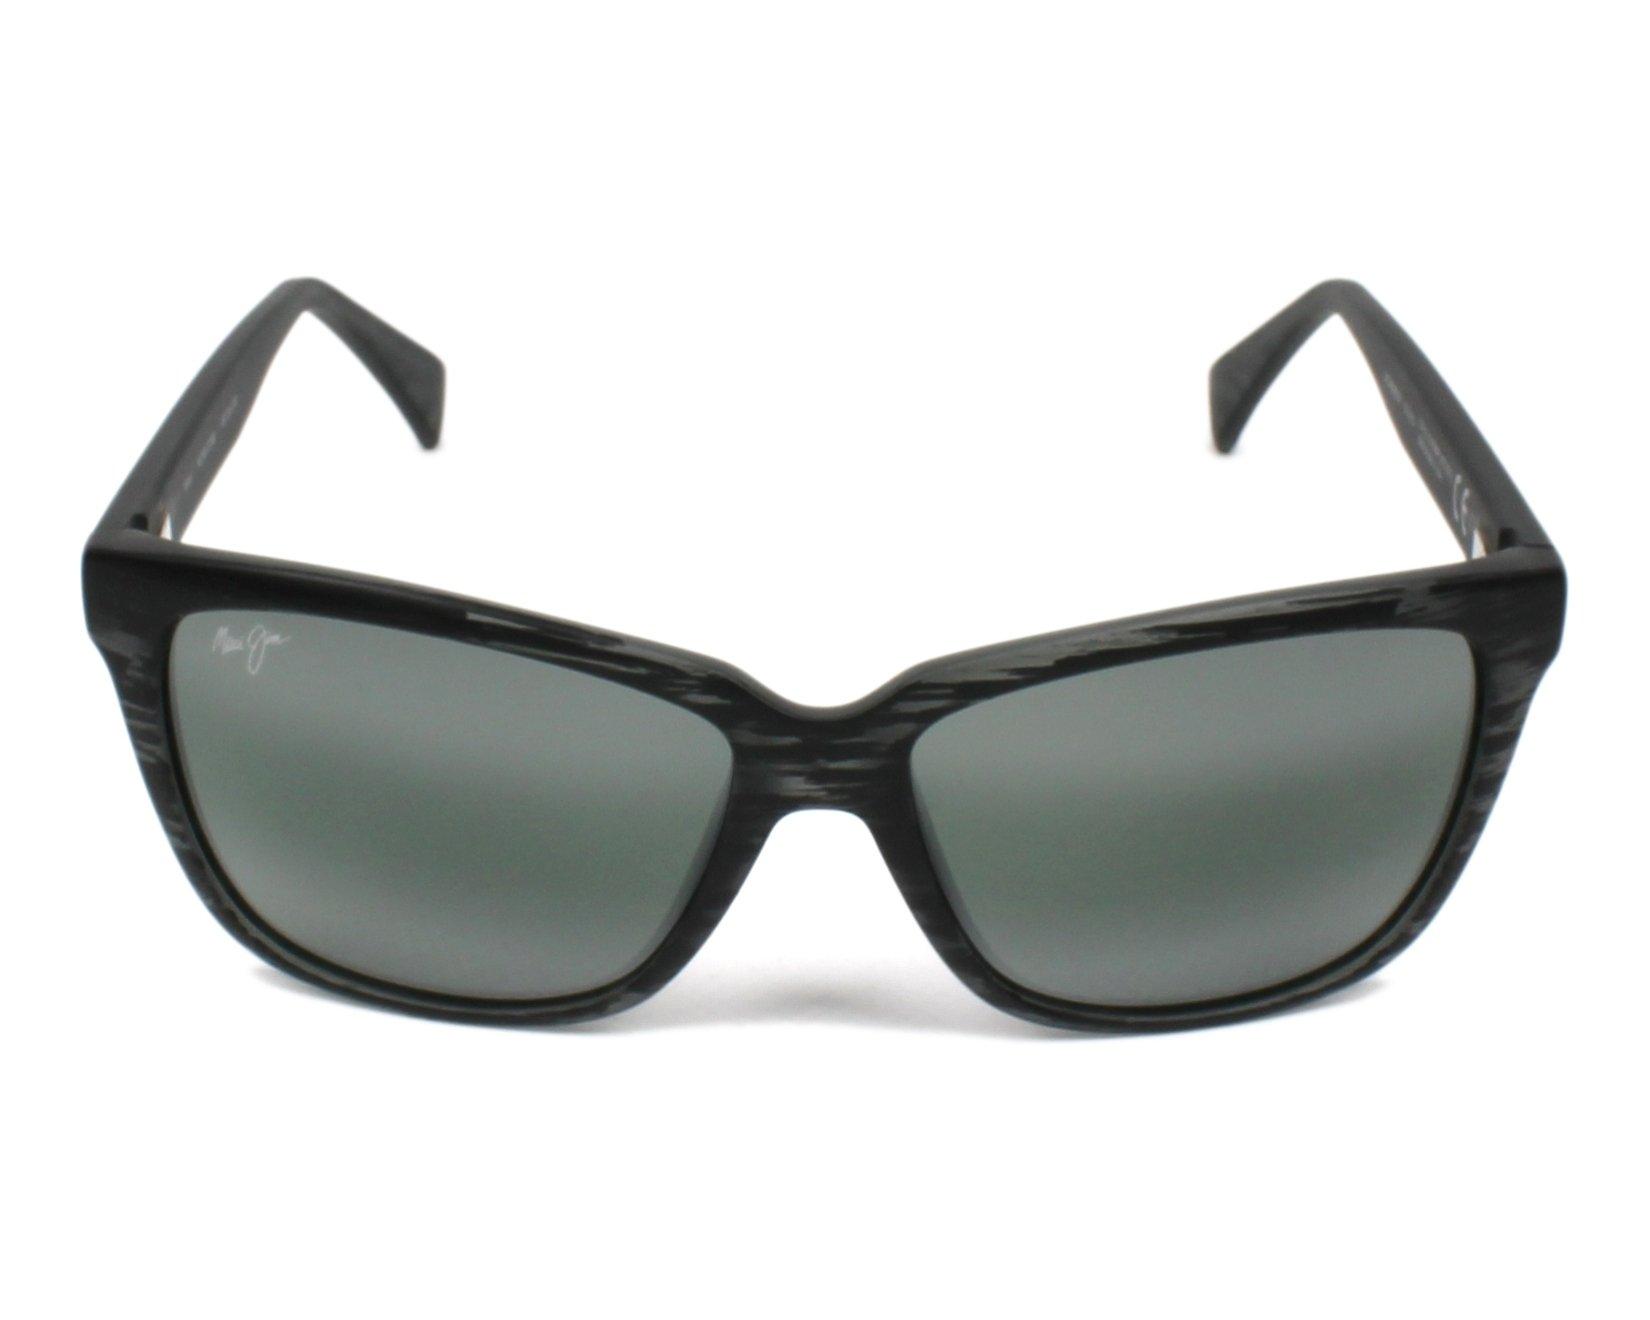 Lunettes de soleil maui jim 763 11ms noir avec des verres gris - Verre lunette raye assurance ...